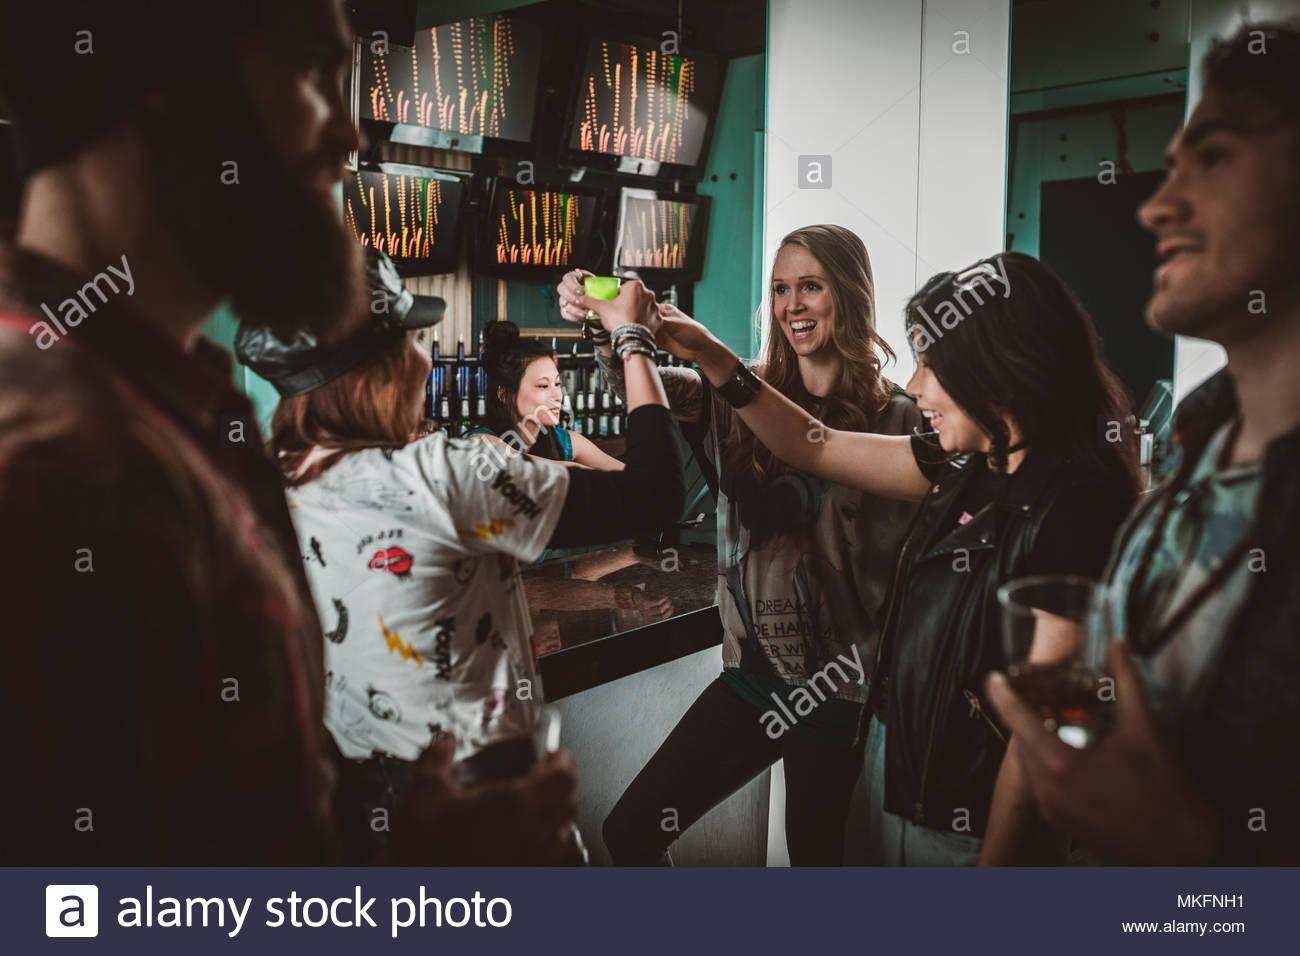 La millenaria amici prendendo scatti, feste nel nightclub bar Foto Stock